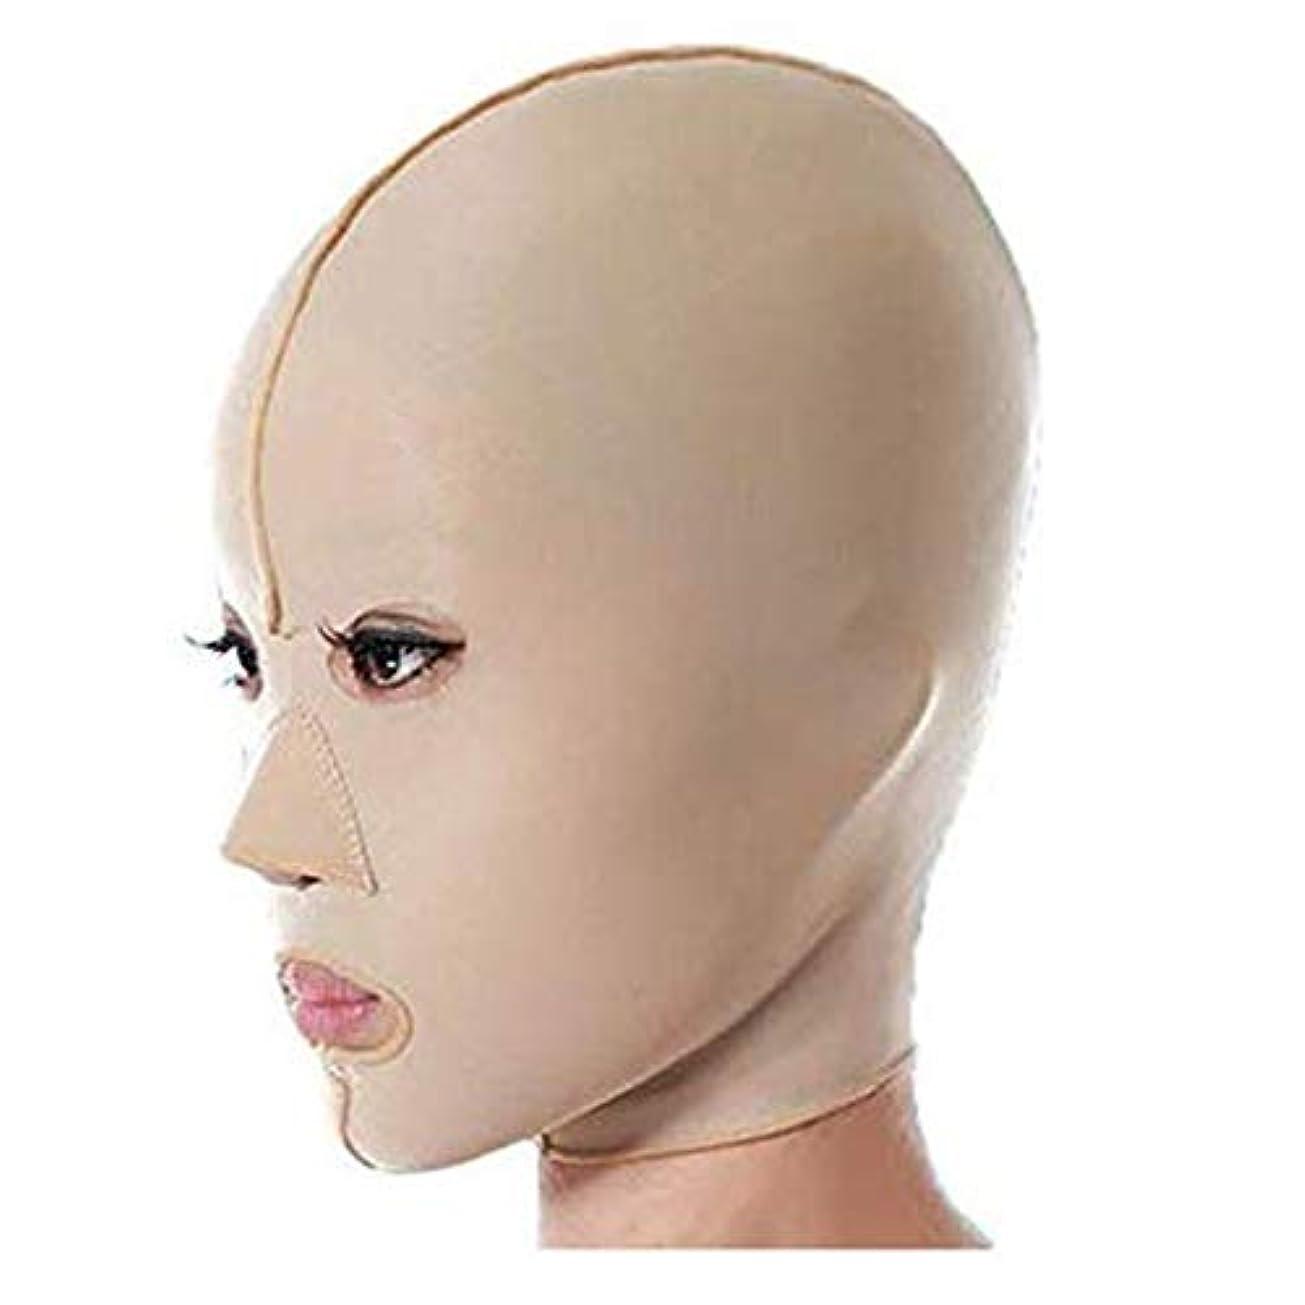 アプライアンスわかる準備したHUYYA ファーミングストラップリフティングフェイスマスク、フェイスリフティング包帯 V字ベルト補正ベルト ダブルチンヘルスケアスキンケアチン,Flesh_Small